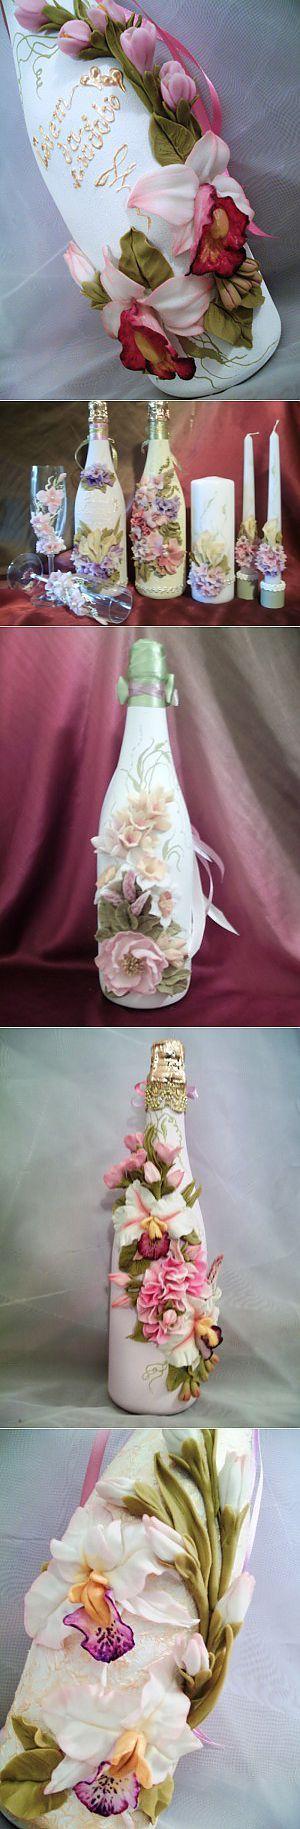 Декорирование бутылок цветами из холодного фарфора. + Рецепт массы для лепки.